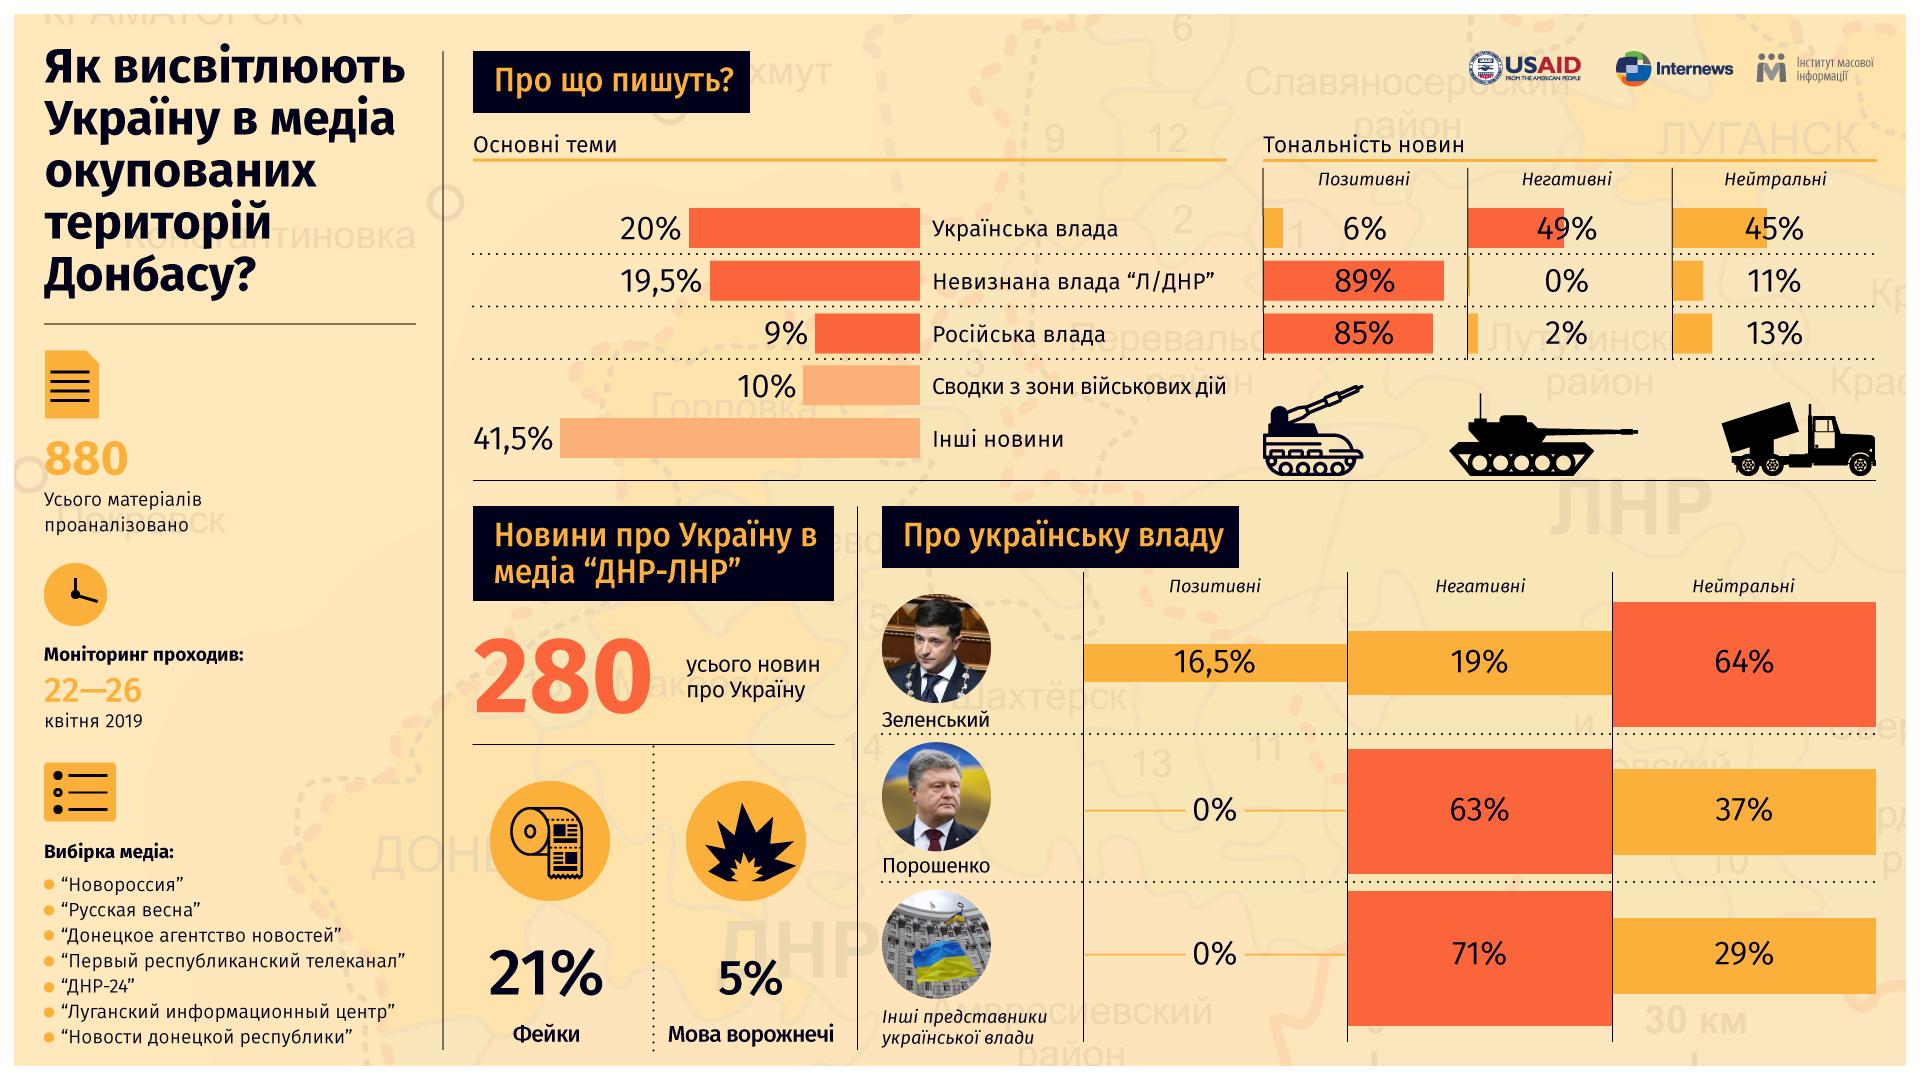 На ресурсах ОРДЛО кожна п'ята новина про Україну була дезінформацією або містила сумнівні факти – ІМІ